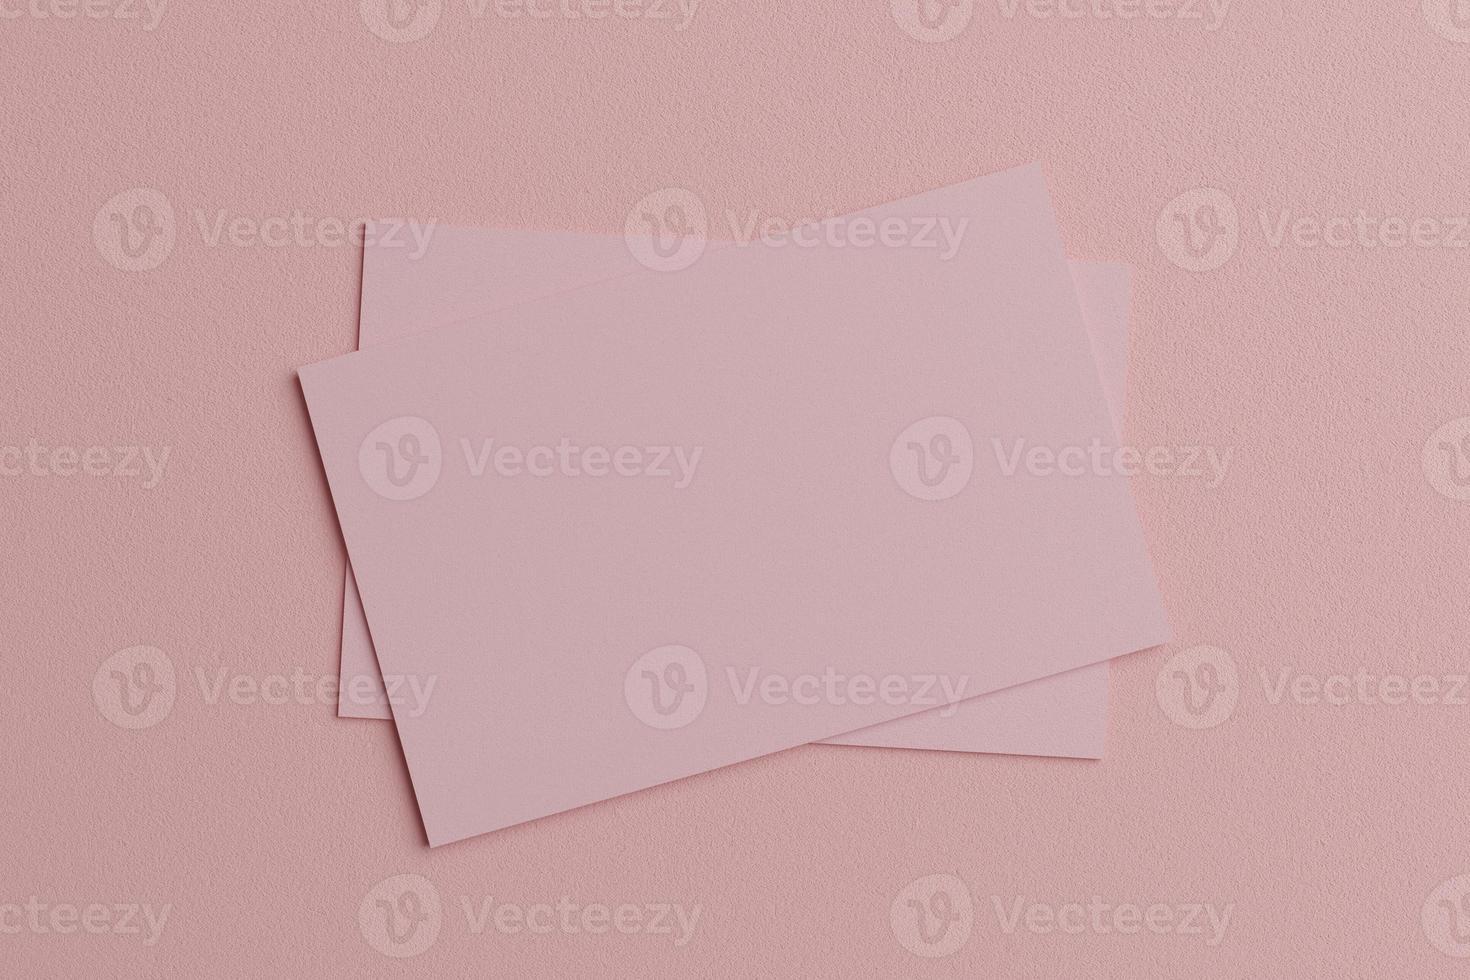 roze pastel visitekaartje papieren mockup sjabloon met lege ruimte omslag voor invoegen bedrijfslogo of persoonlijke identiteit op kartonnen achtergrond. modern stijlconcept. bovenaanzicht. 3d illustratie render foto